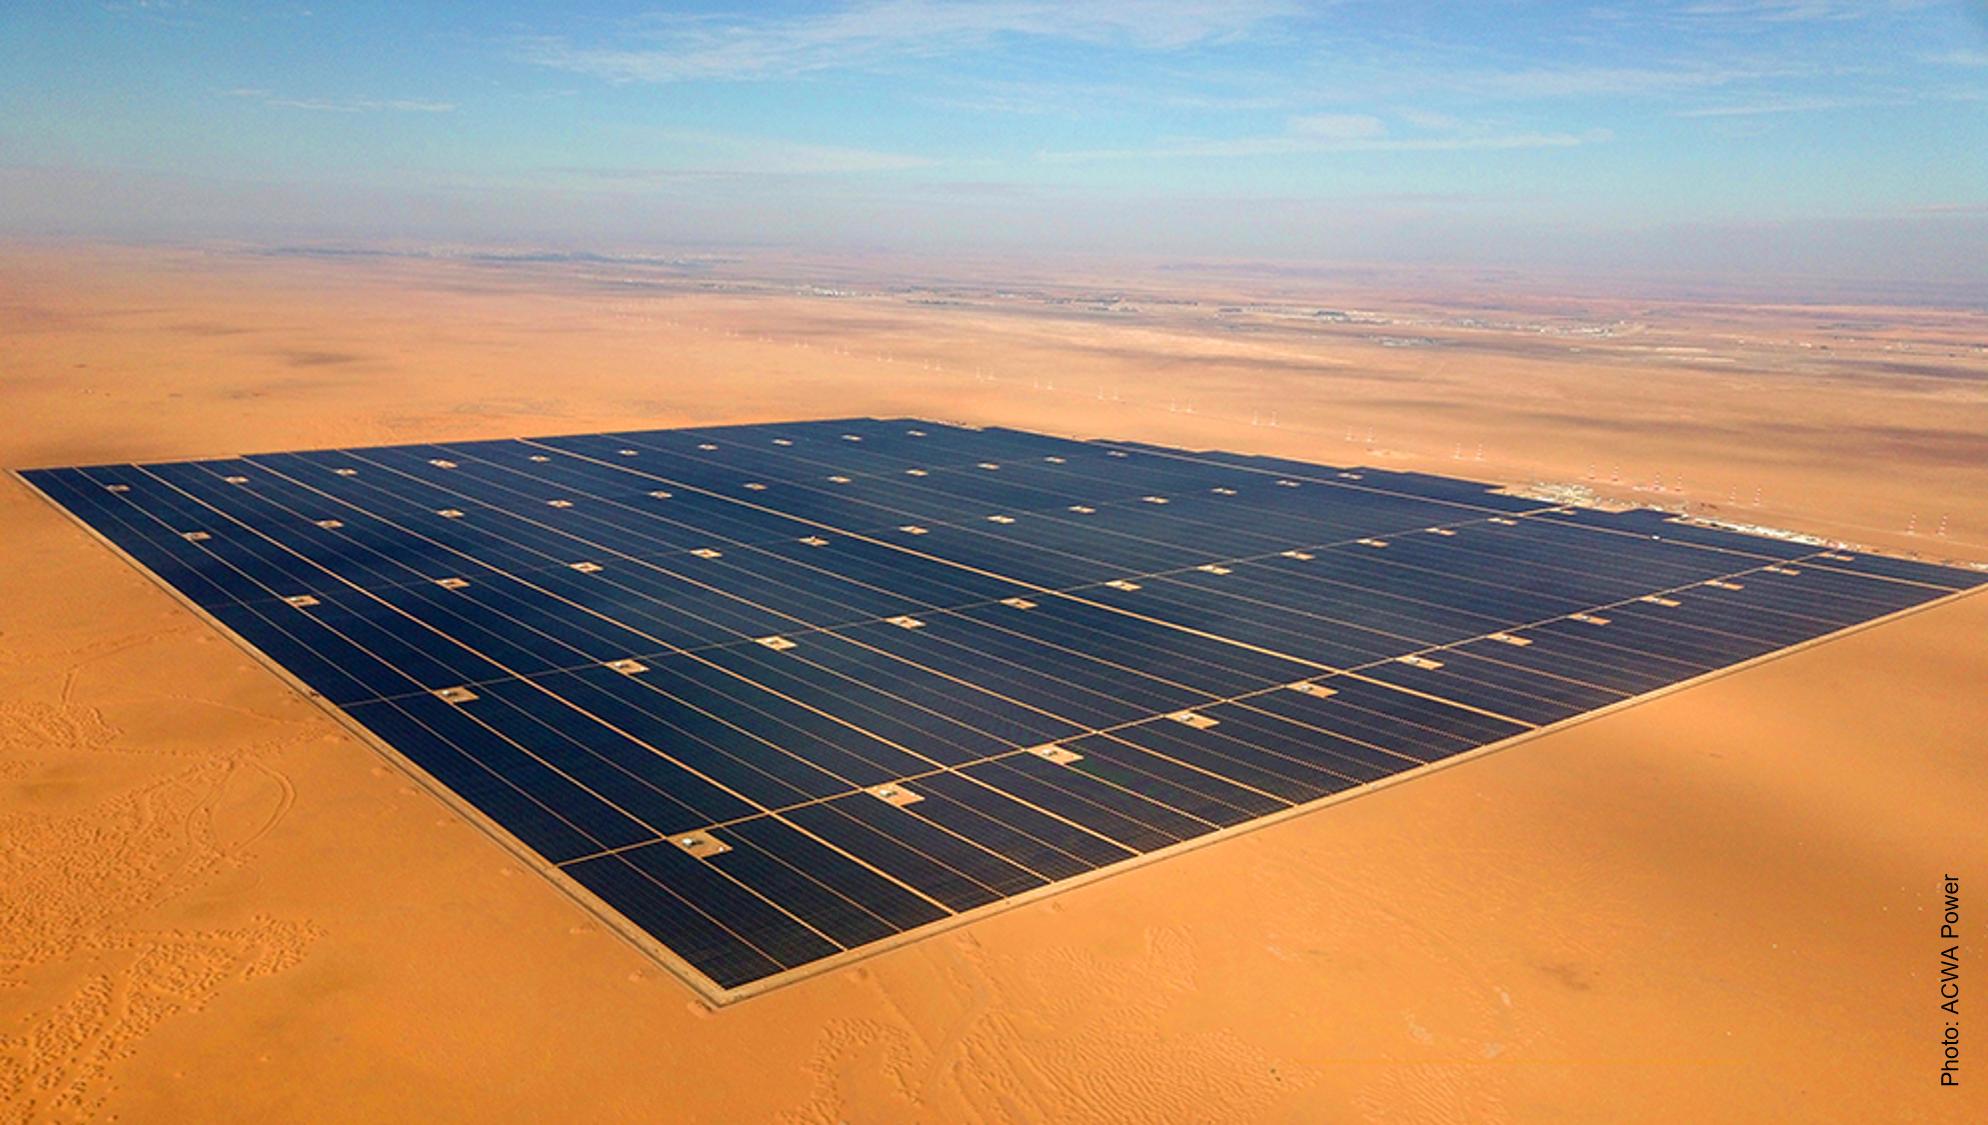 上海电气与Nextracker携手为中东最大光伏发电基地提升能源产出